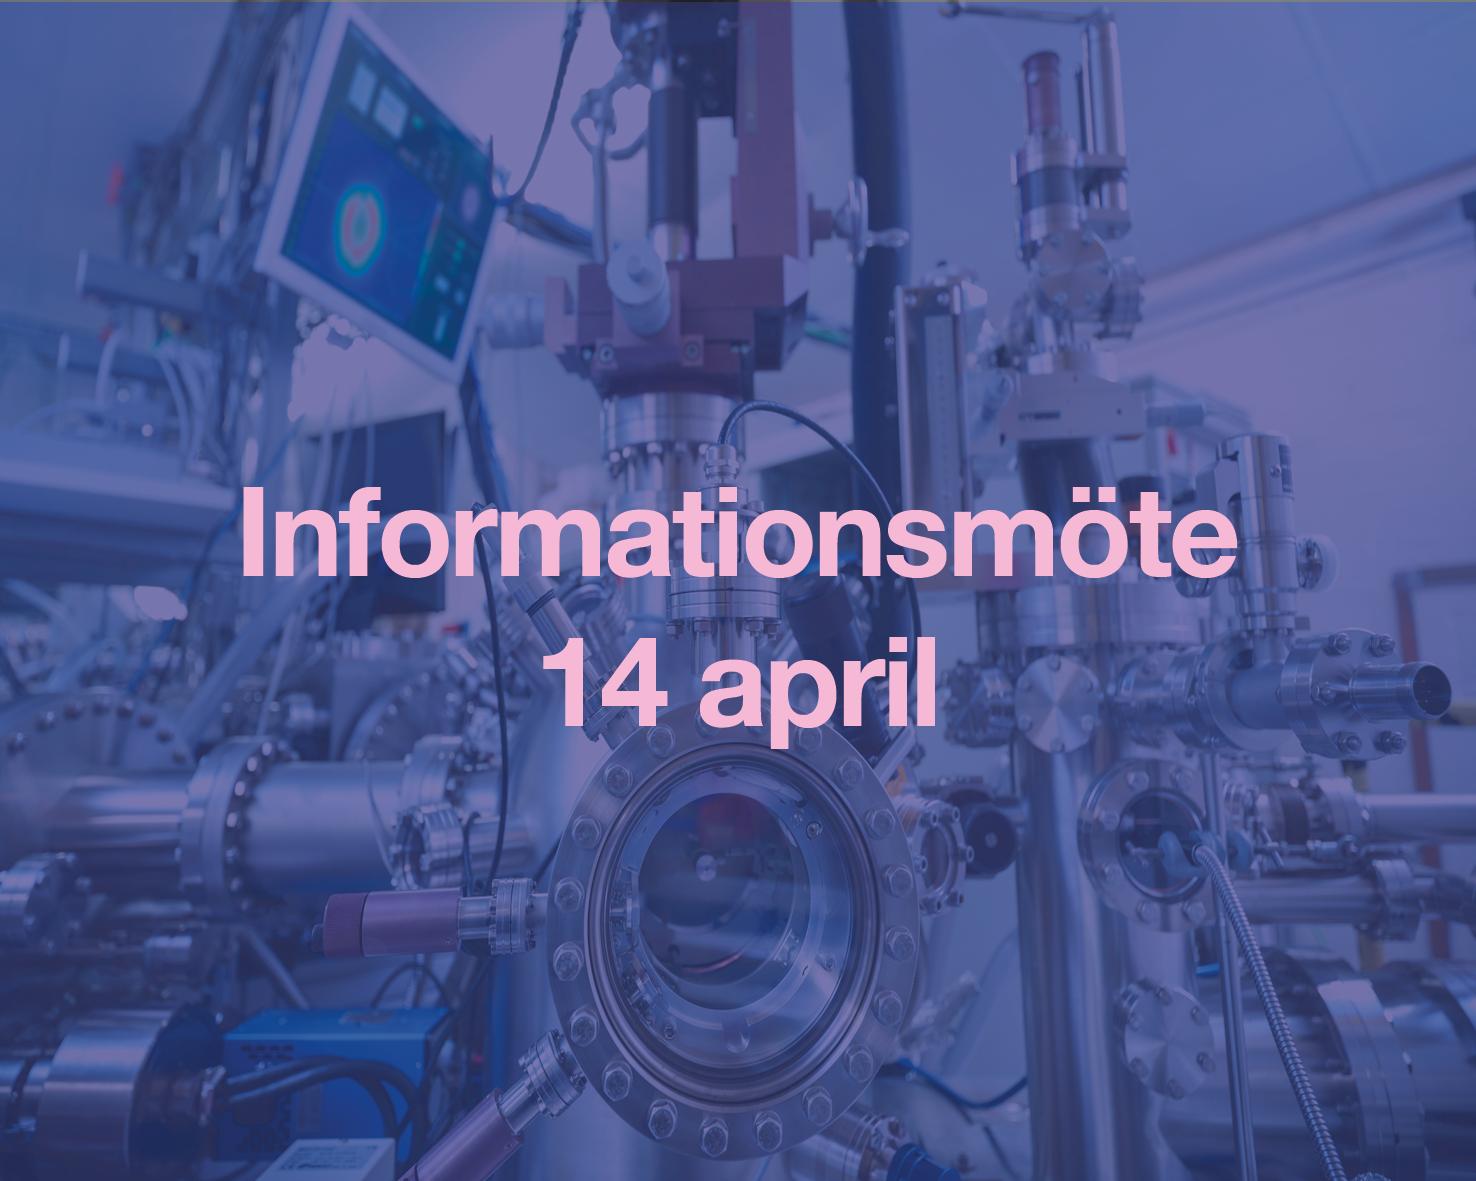 Mörklagd bild på labbutrustning med text: Informationsmöte 14 april